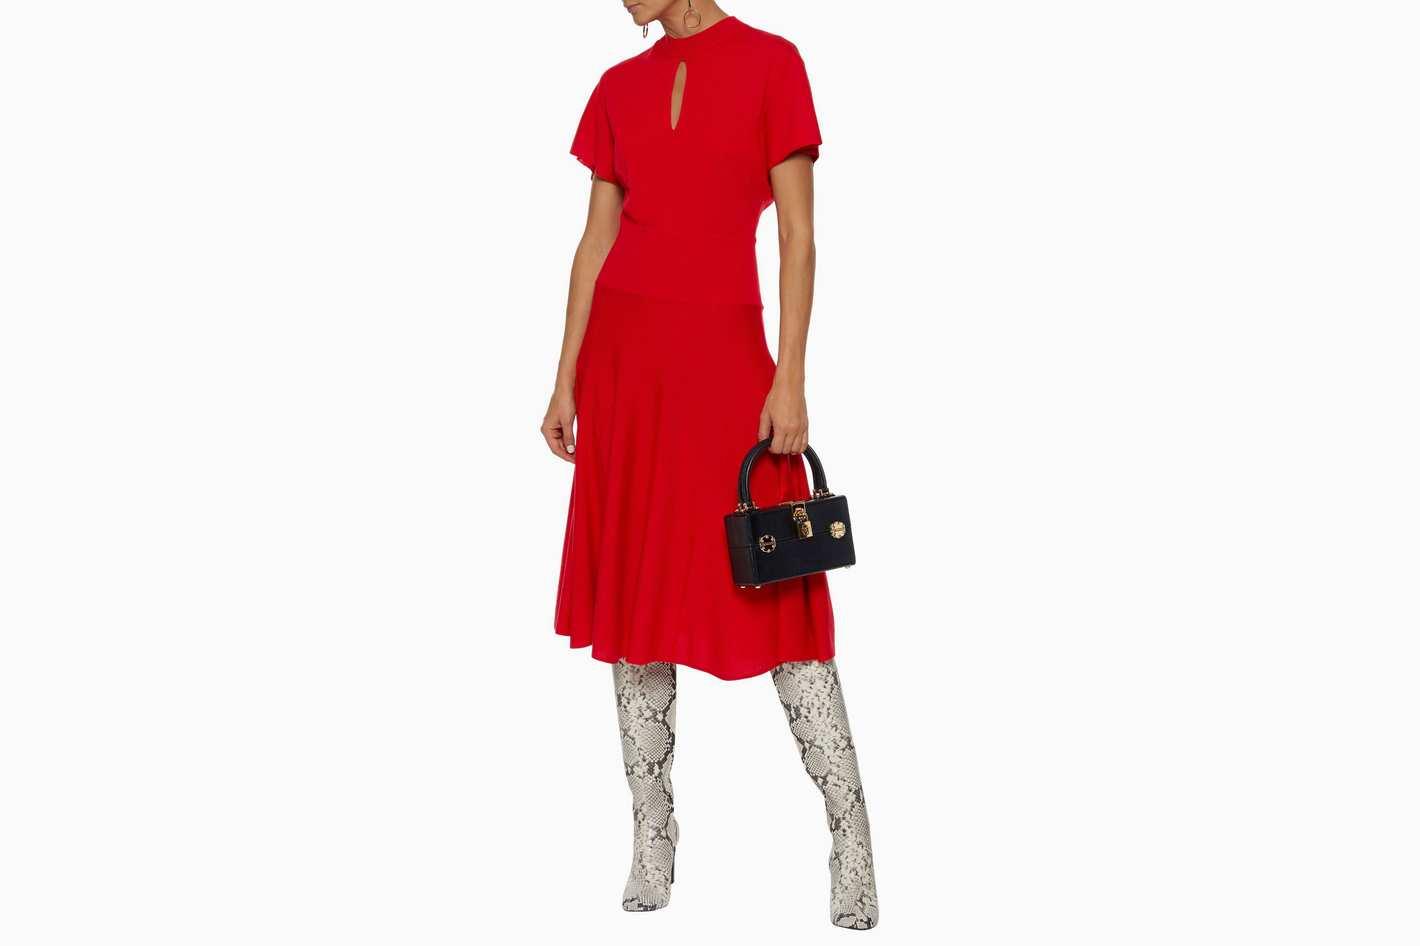 Lanvin Cutout Dress